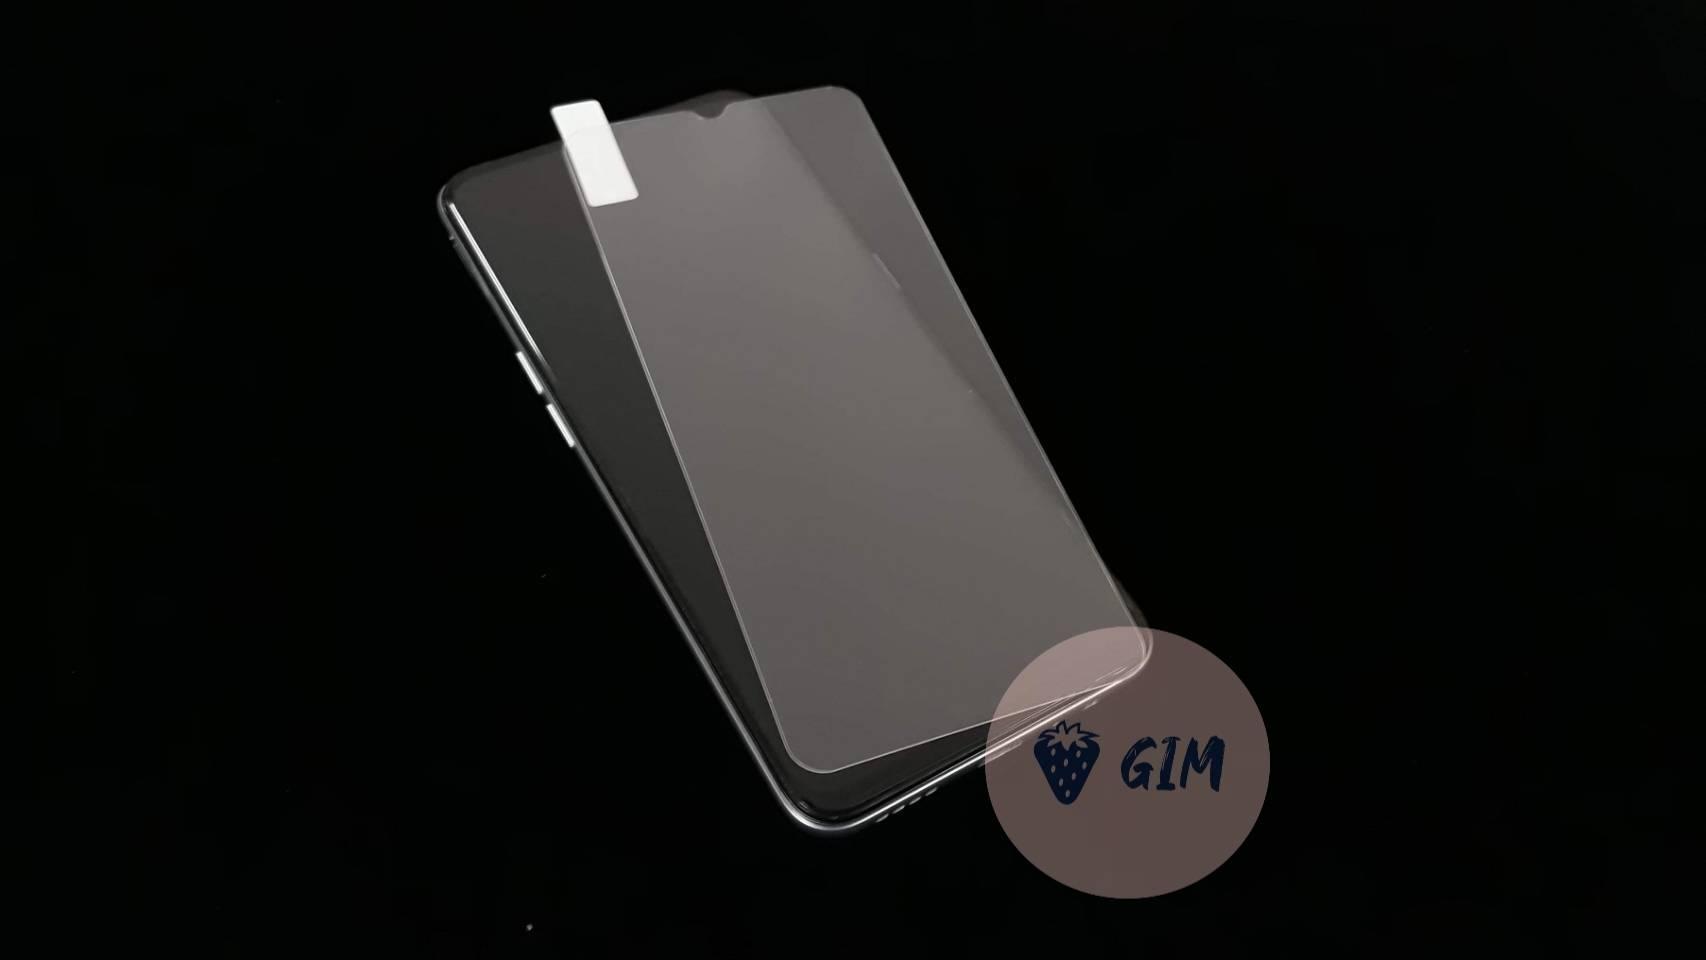 🔥糖果SUGAR非滿版玻璃貼 玻璃保護貼適用 Y8 MAX pro /Y12 /Y12S /Y13s /Y16 /S11 /S20 /S20S /F20鋼化玻璃貼